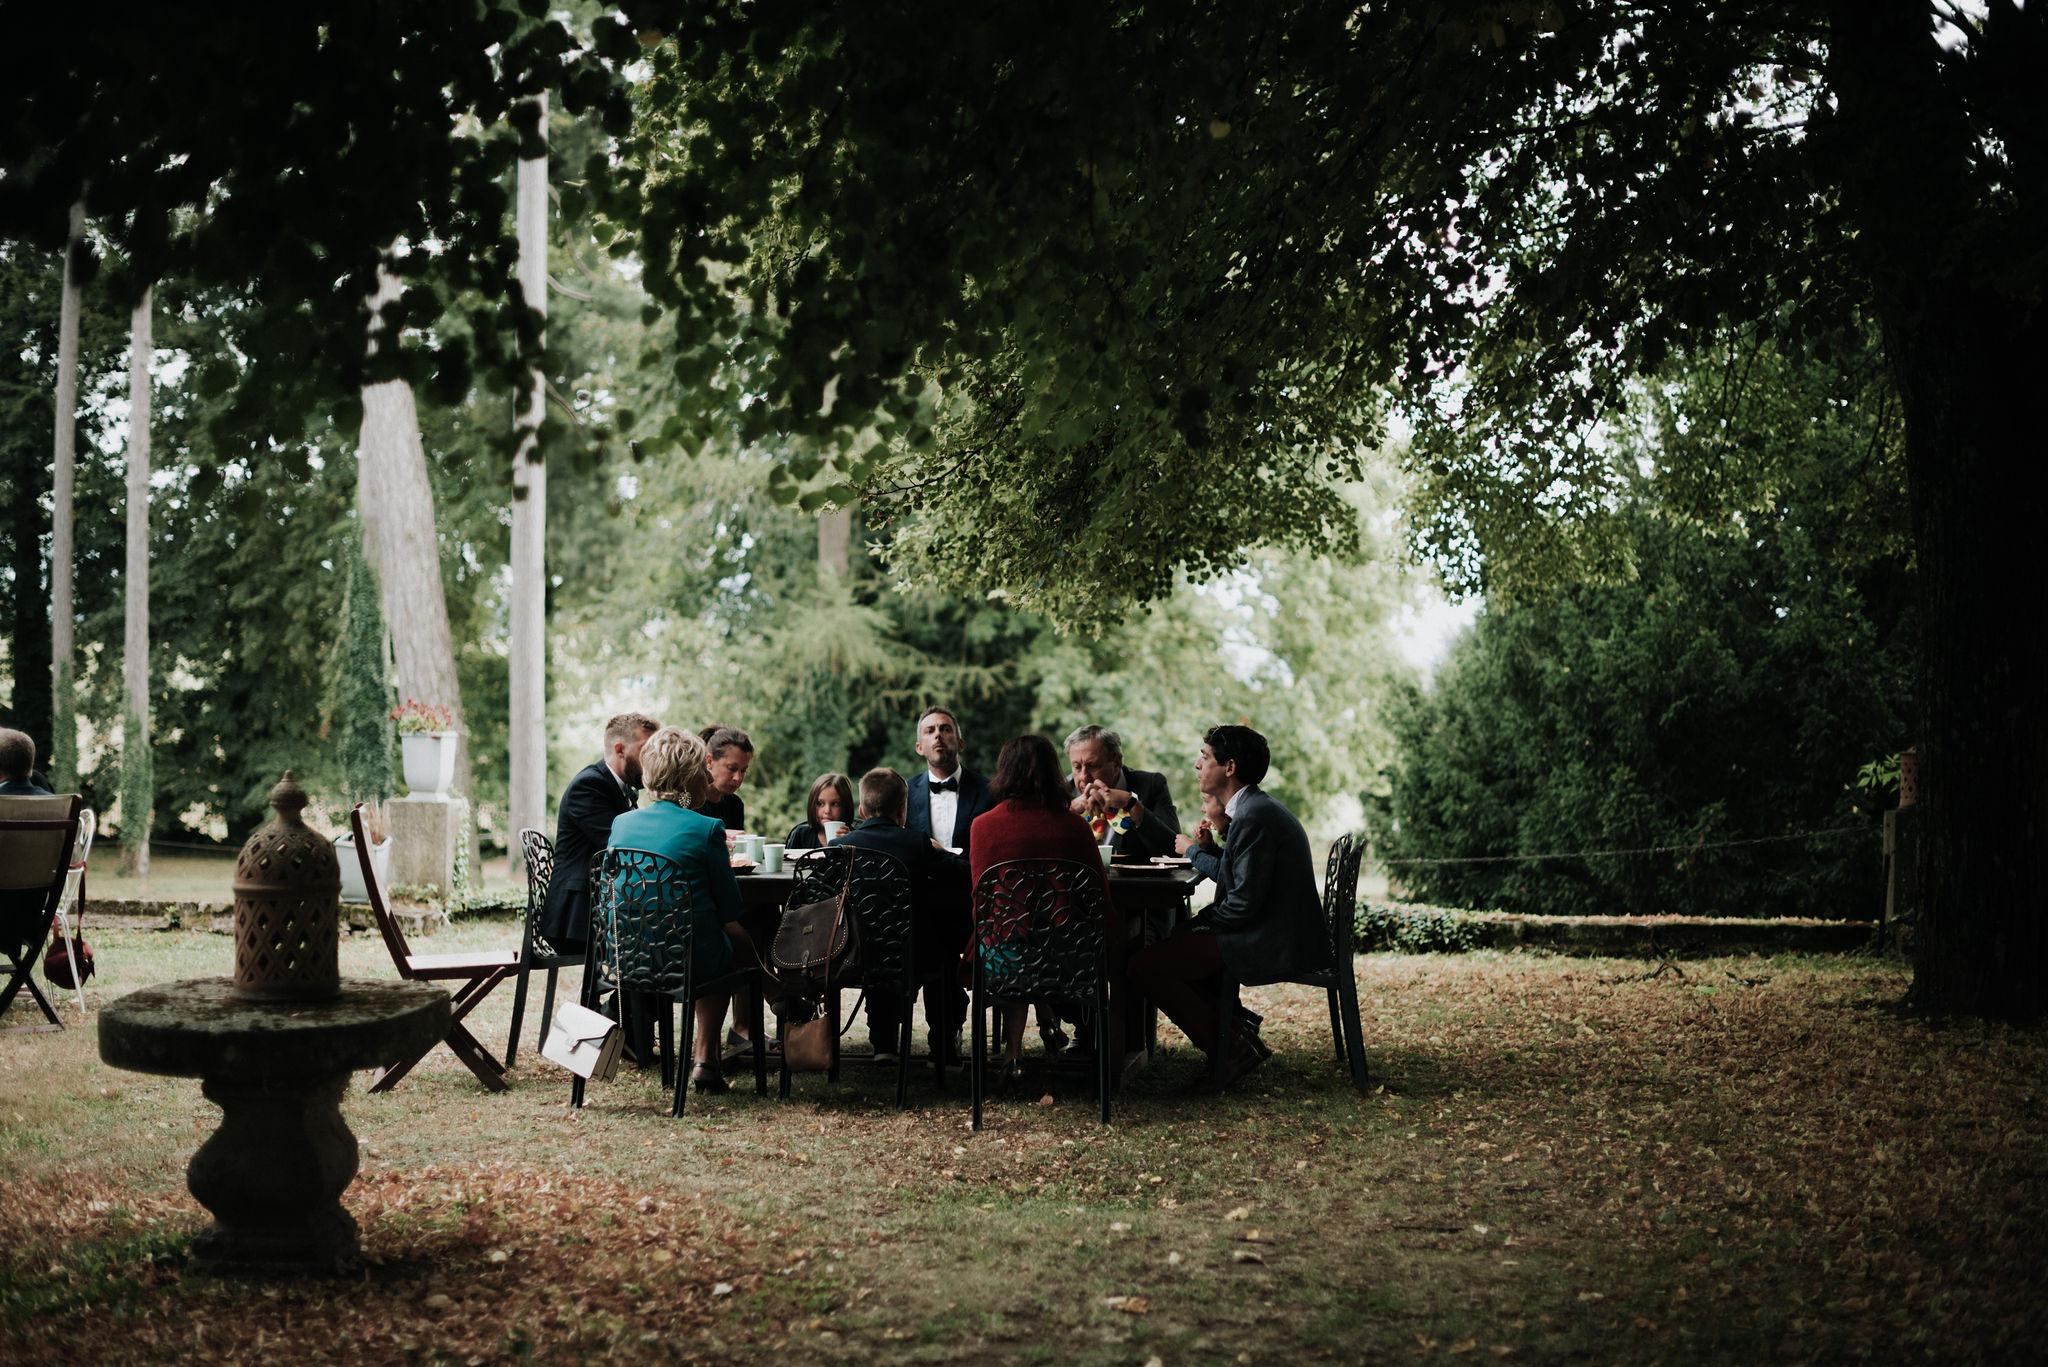 Léa-Fery-photographe-professionnel-lyon-rhone-alpes-portrait-creation-mariage-evenement-evenementiel-famille-6577.jpg